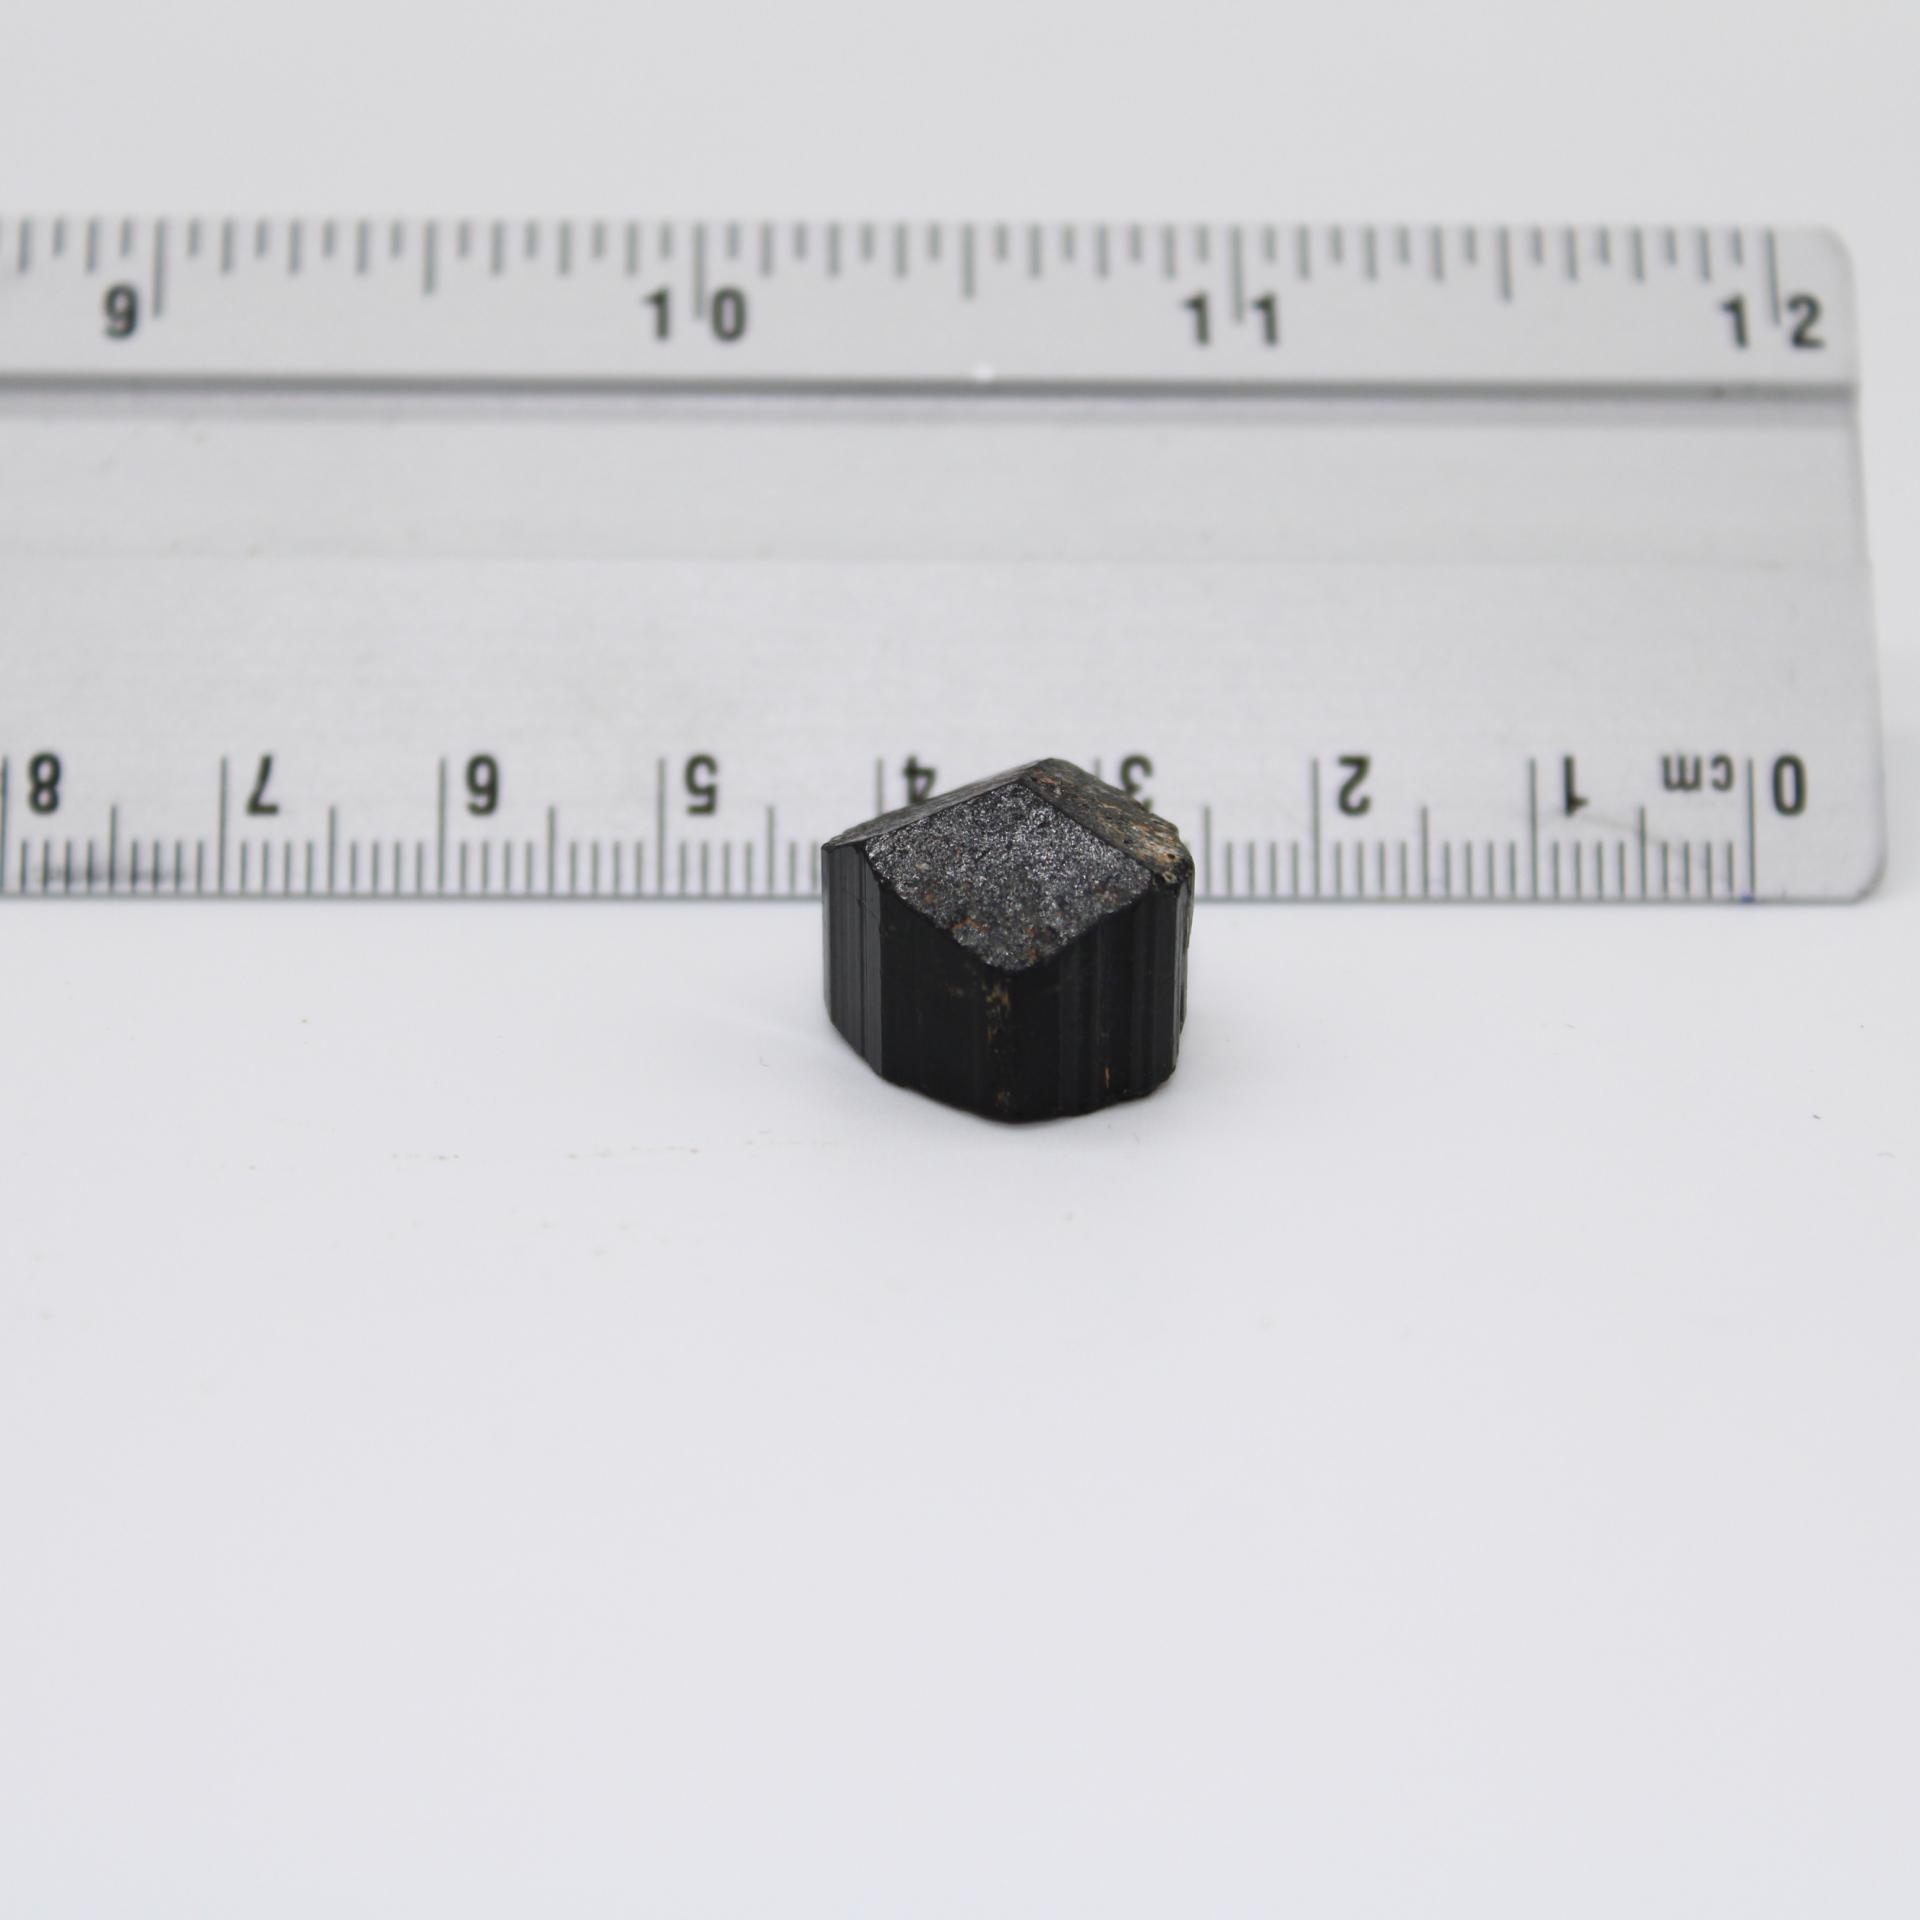 J41 tourmaline noire 1